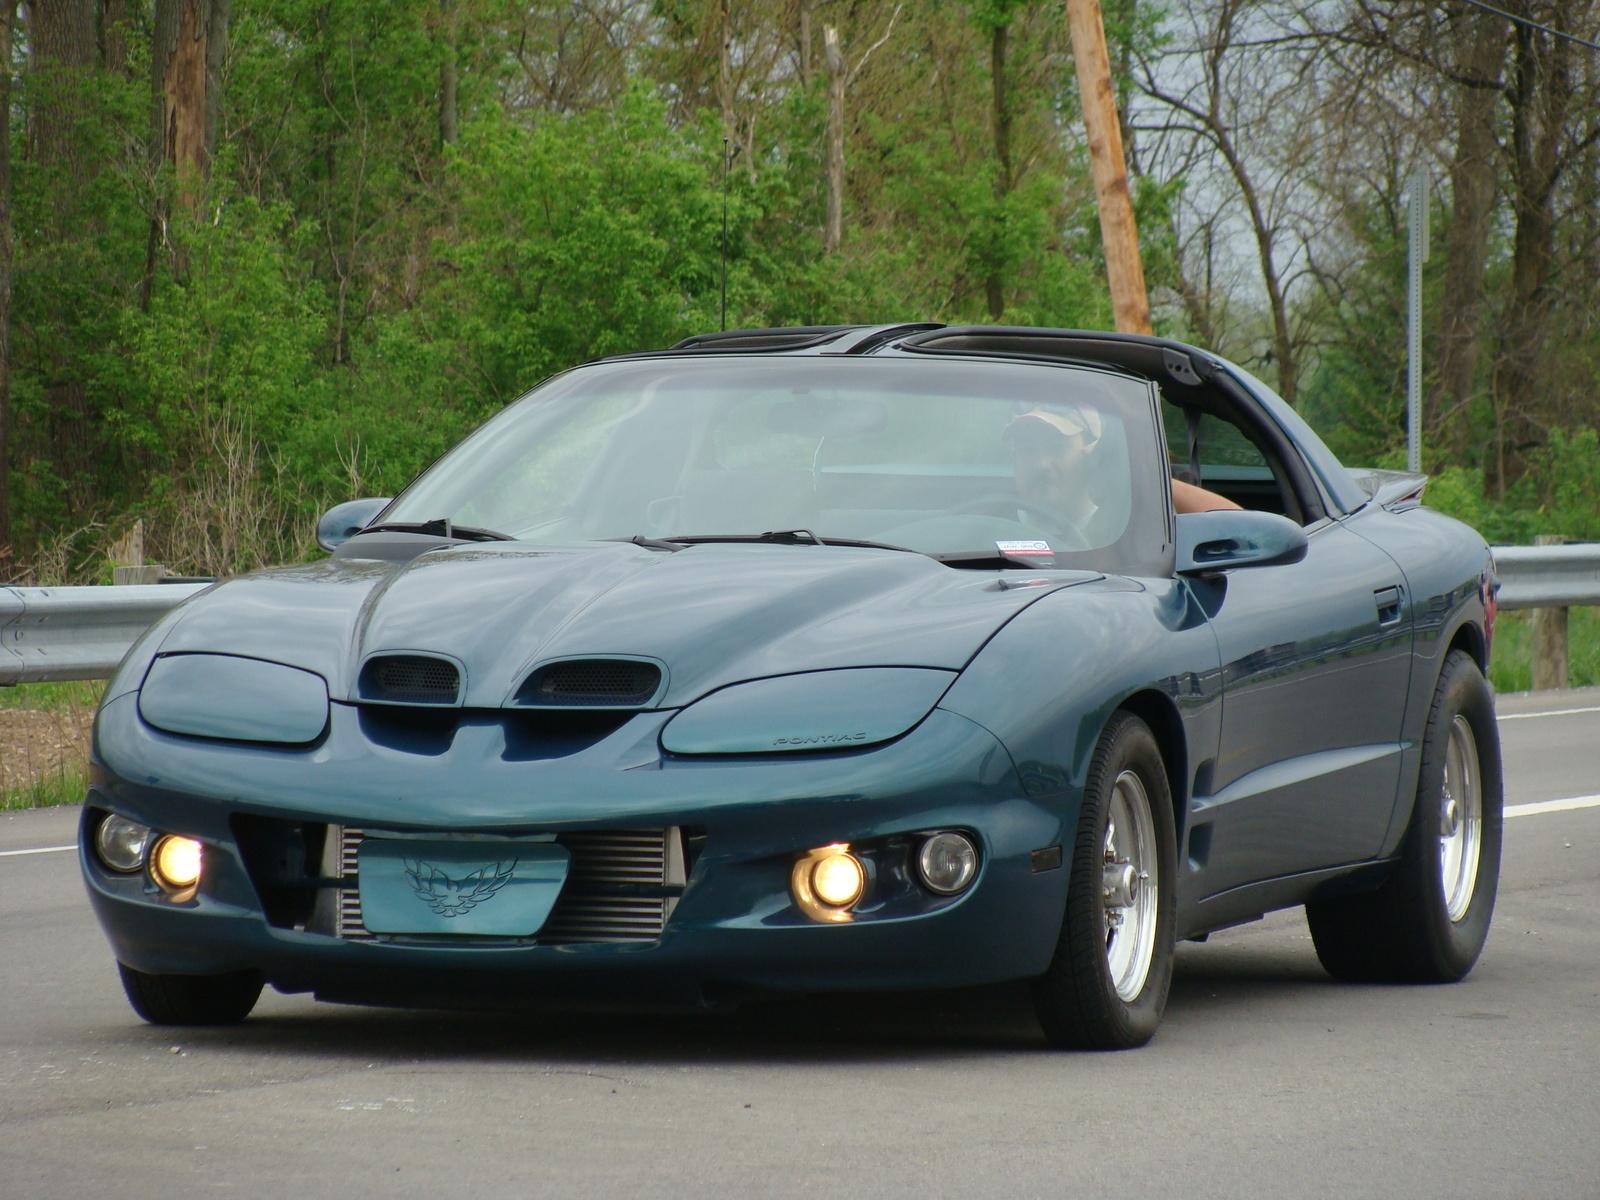 2000 Pontiac Grand Am V6 1998